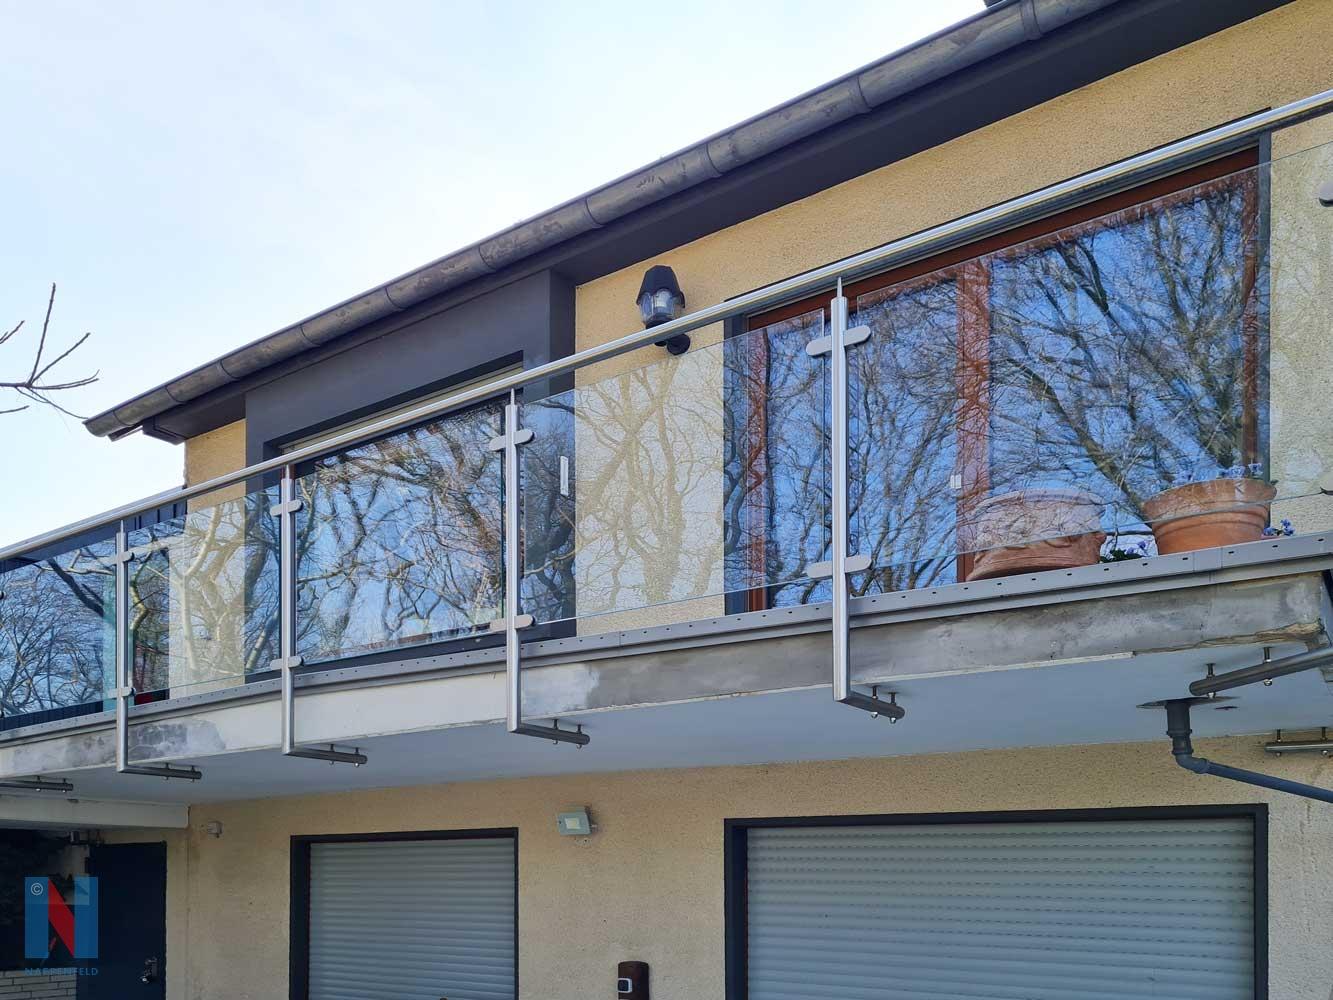 Edelstahlgeländer für MFH in Essen, gebaut und umgesetzt von der Edelstahlschlosserei Nappenfeld aus Mülheim